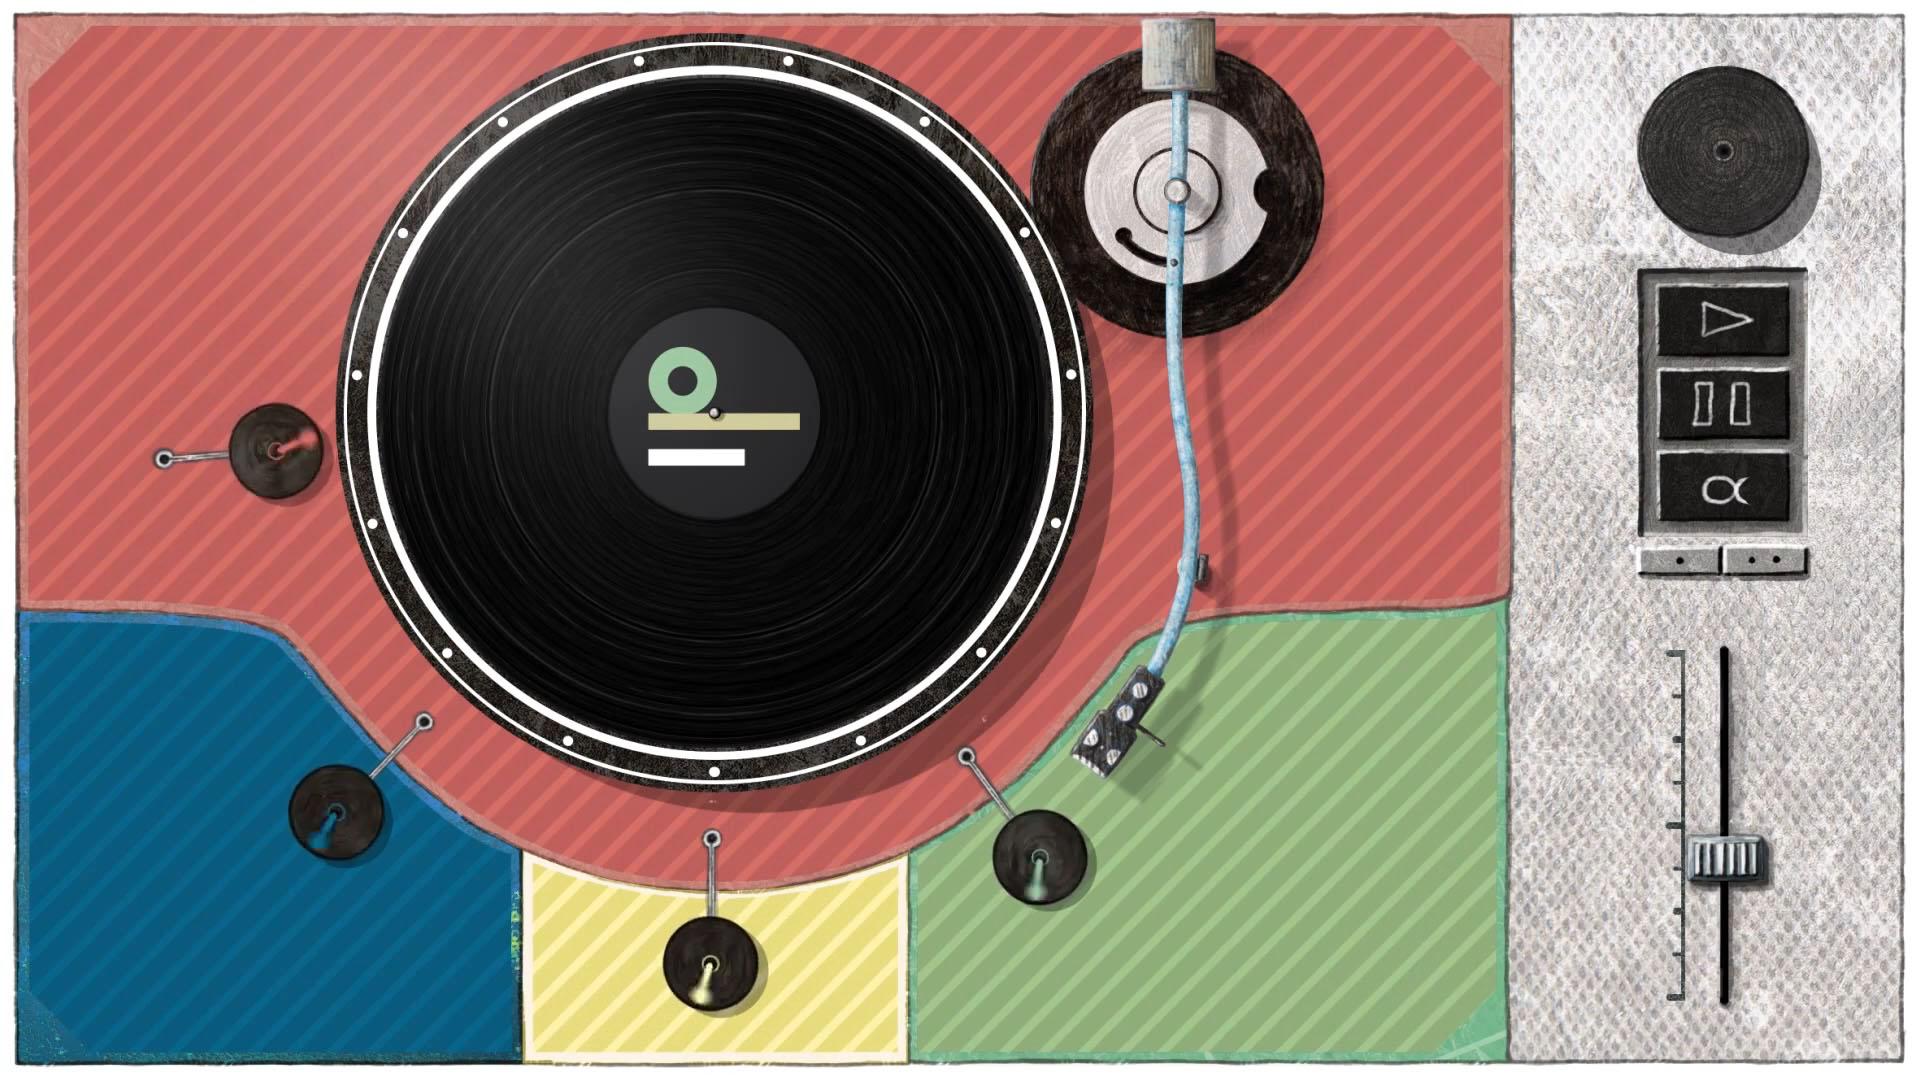 Grafik eines Schallplattenspielers. Inklusion ohne Worte. Indiwi Berlin.